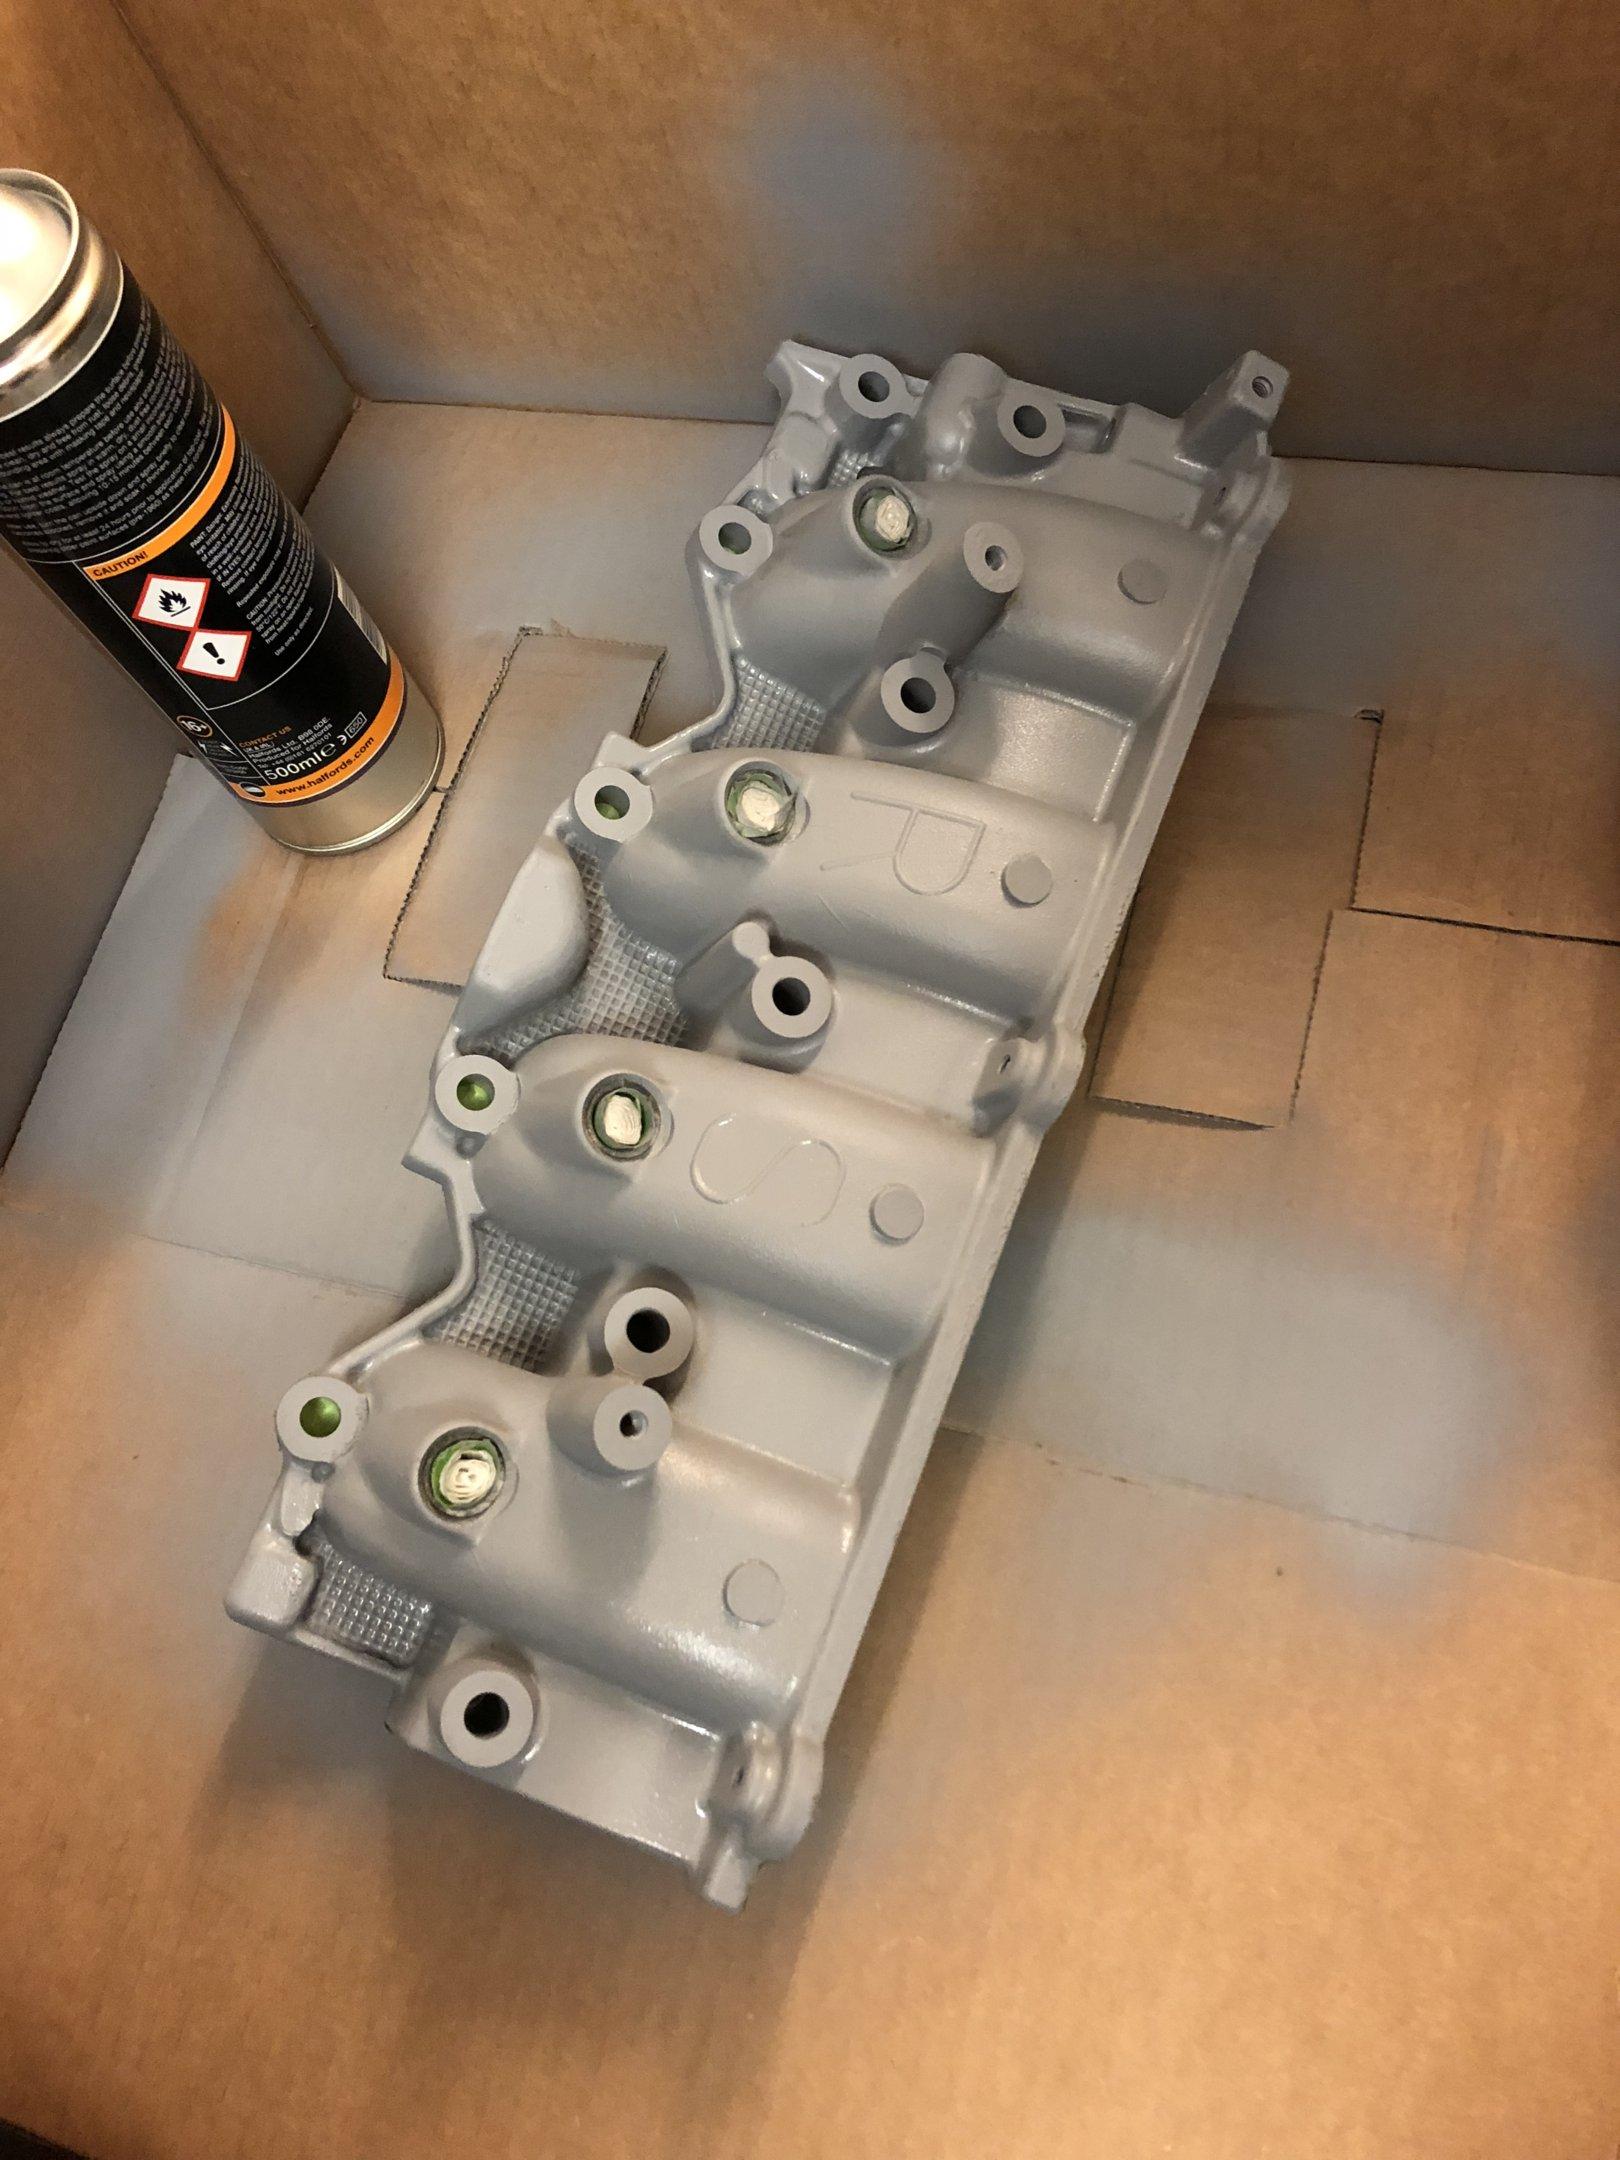 A19F655C-F4B3-4EB7-8098-44023AF03911.jpeg